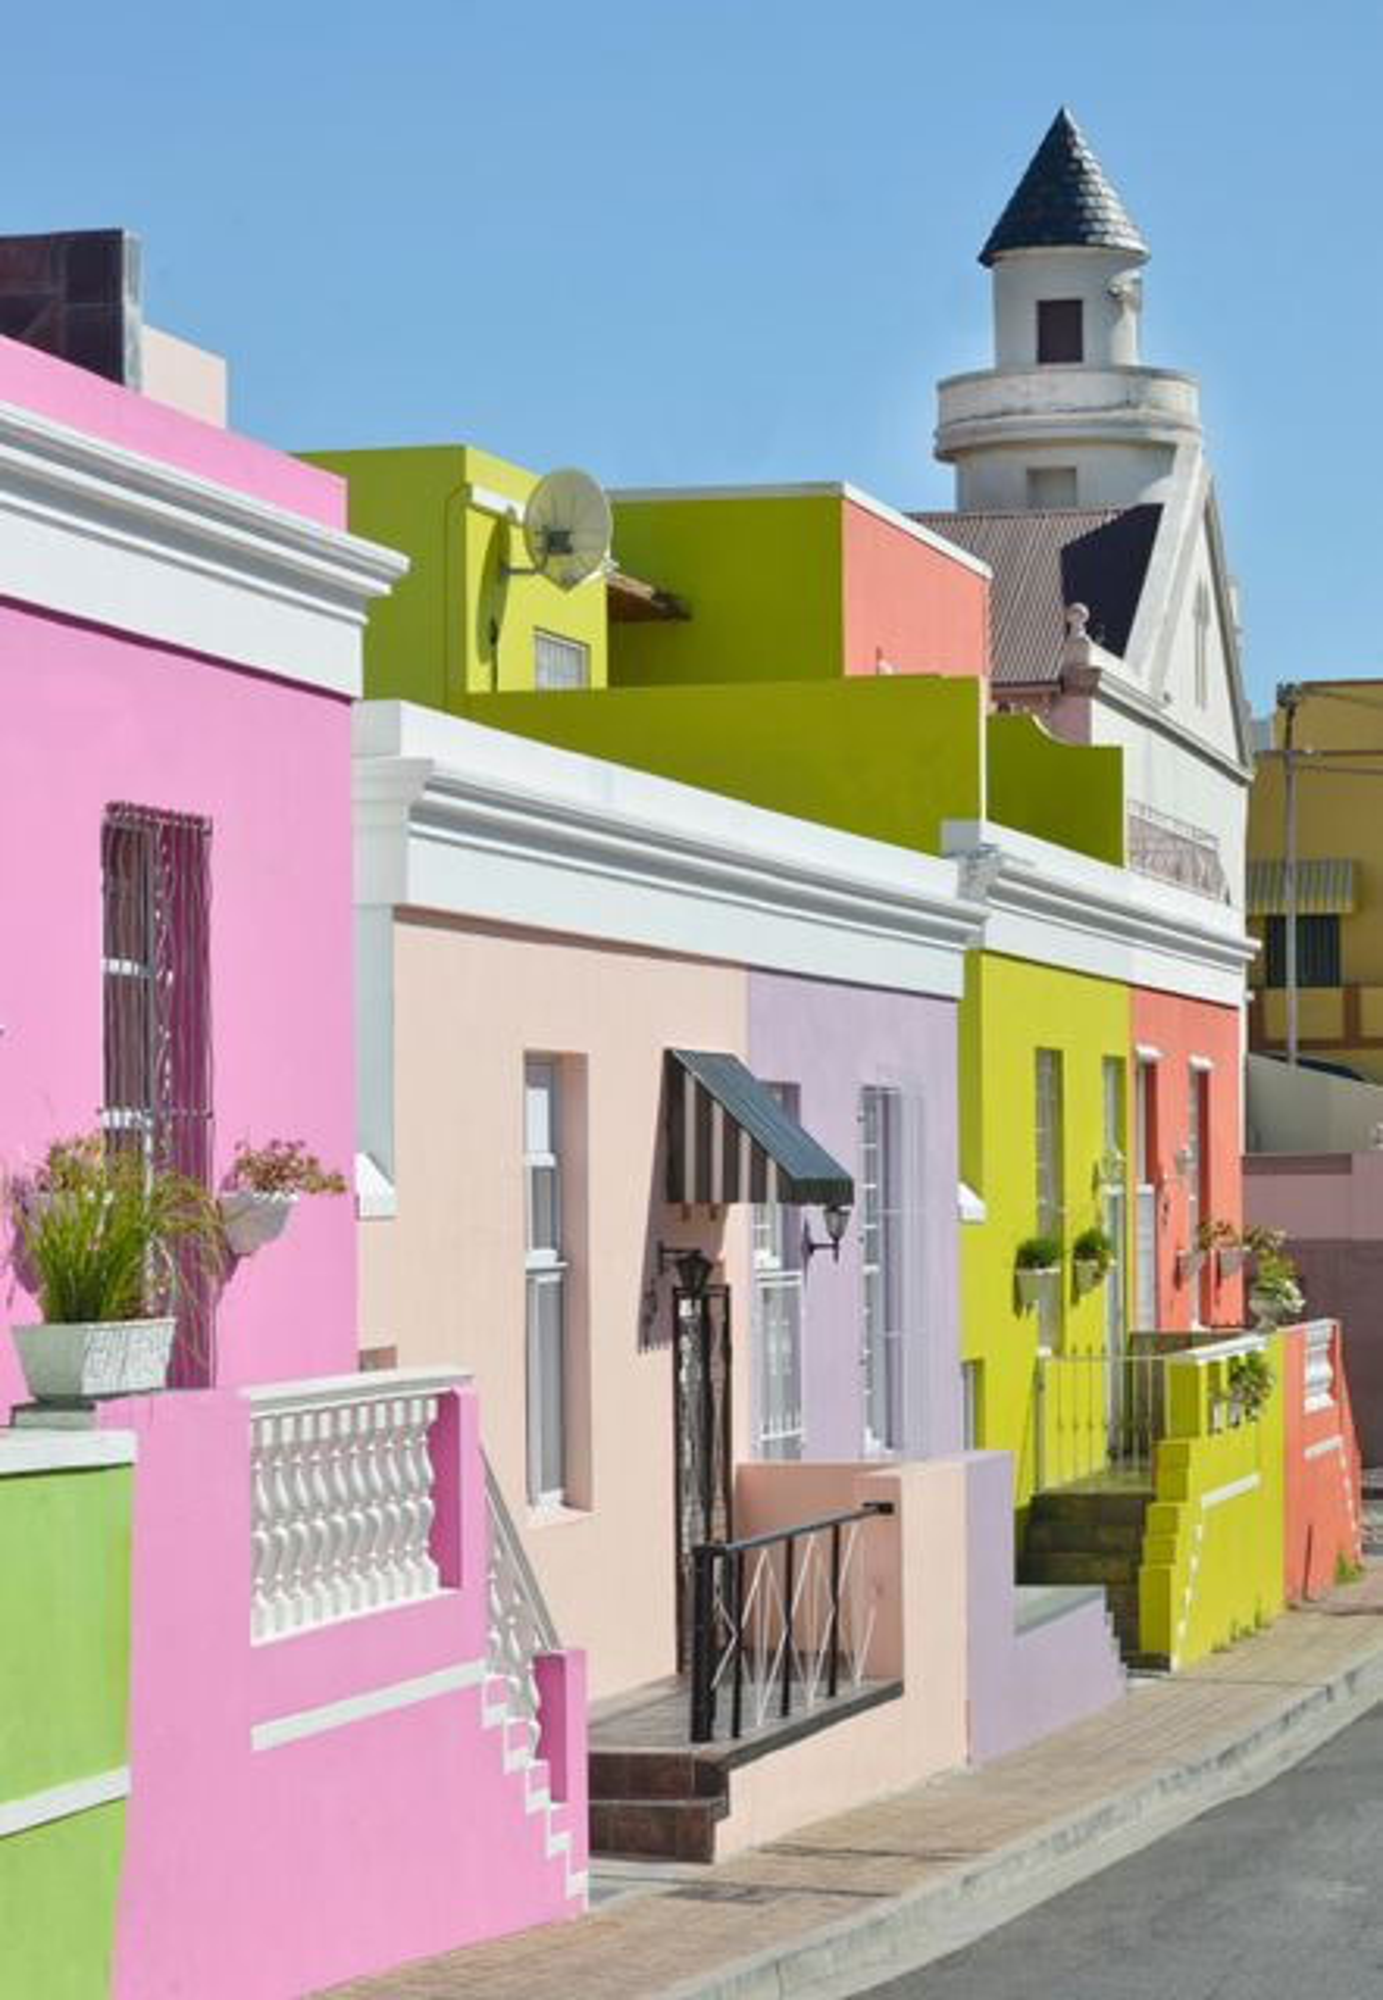 Σπίτια βαμμένα με ζωηρά χρώματα στο Bo-Kaap.